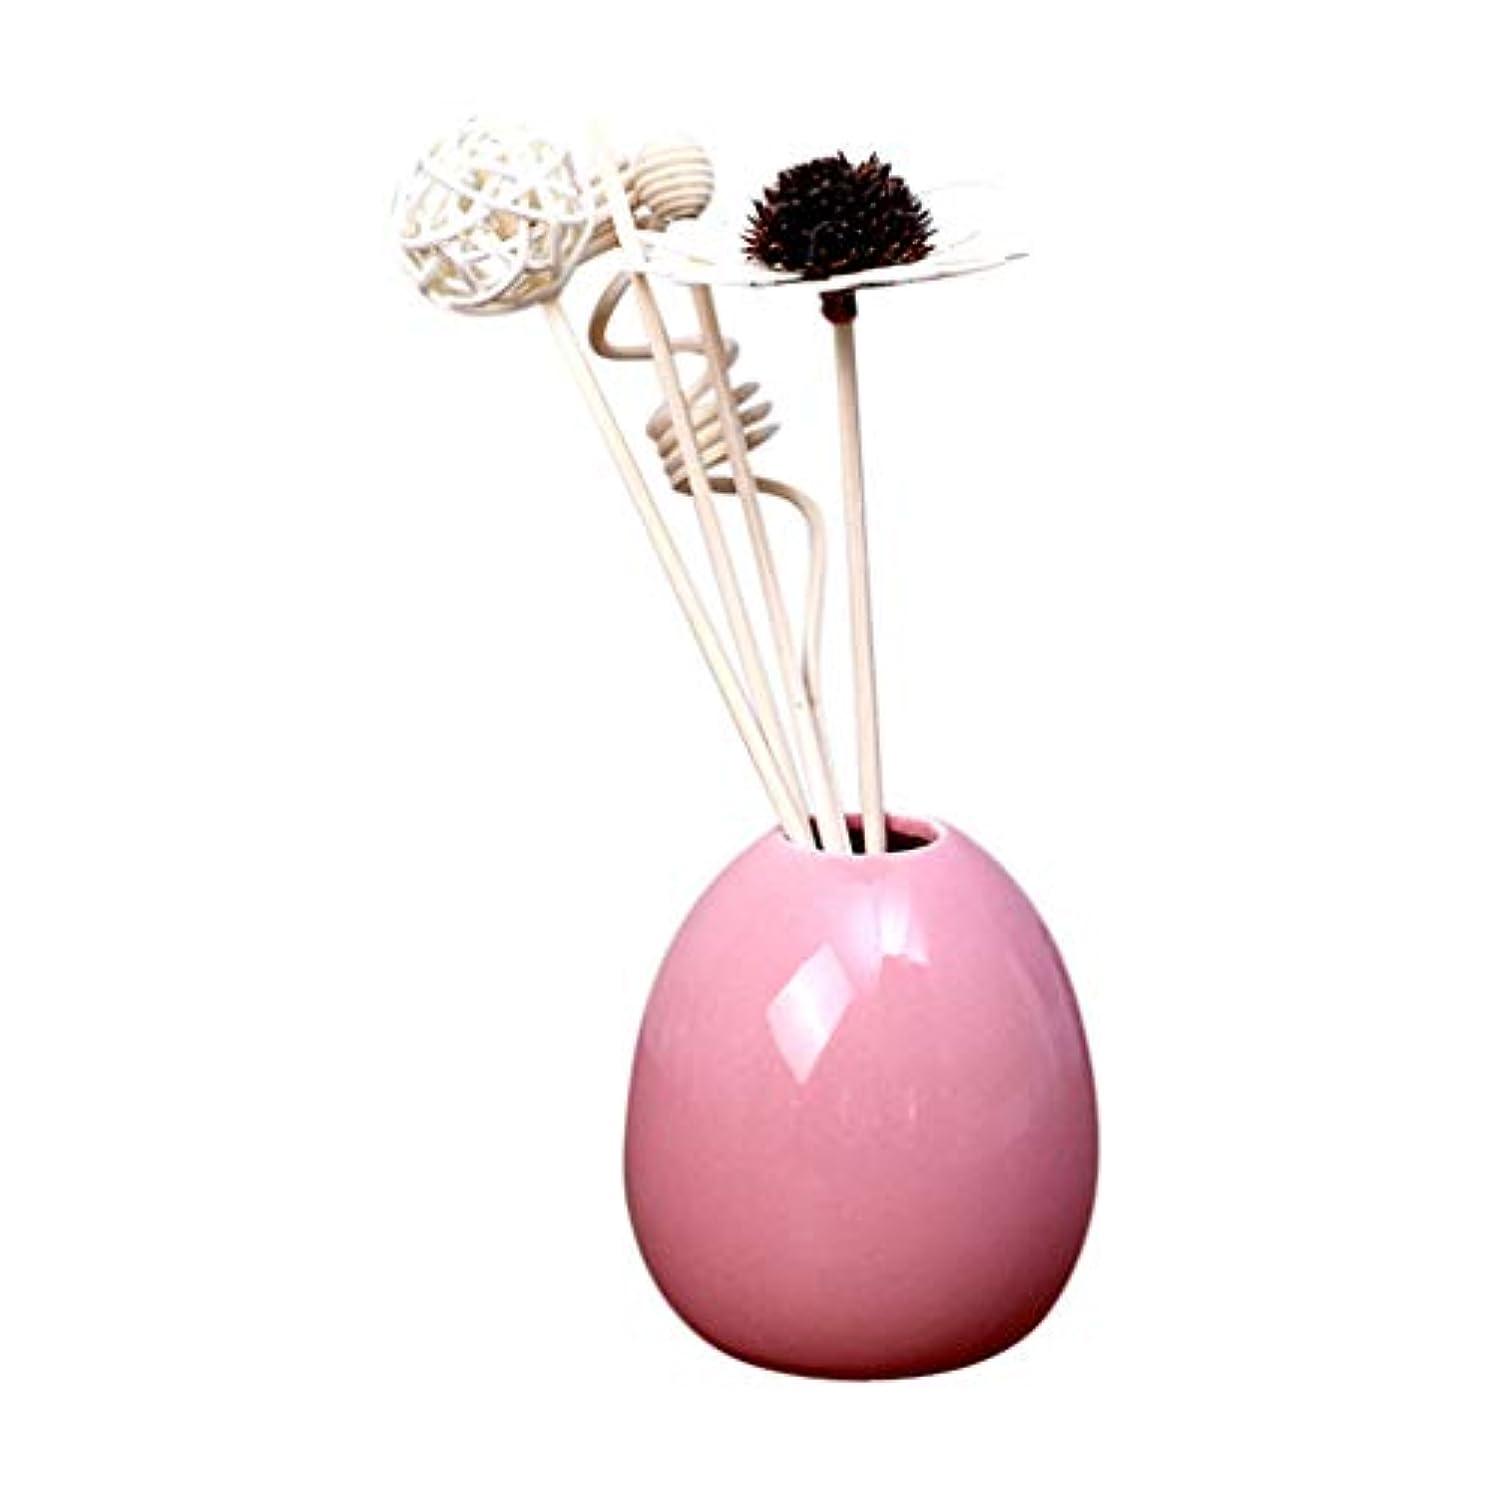 飽和する連続した凍るLazayyii エッセンシャルオイル セット 家庭用 香 寝室バスルームルーム 香水 消臭 (ピンク)